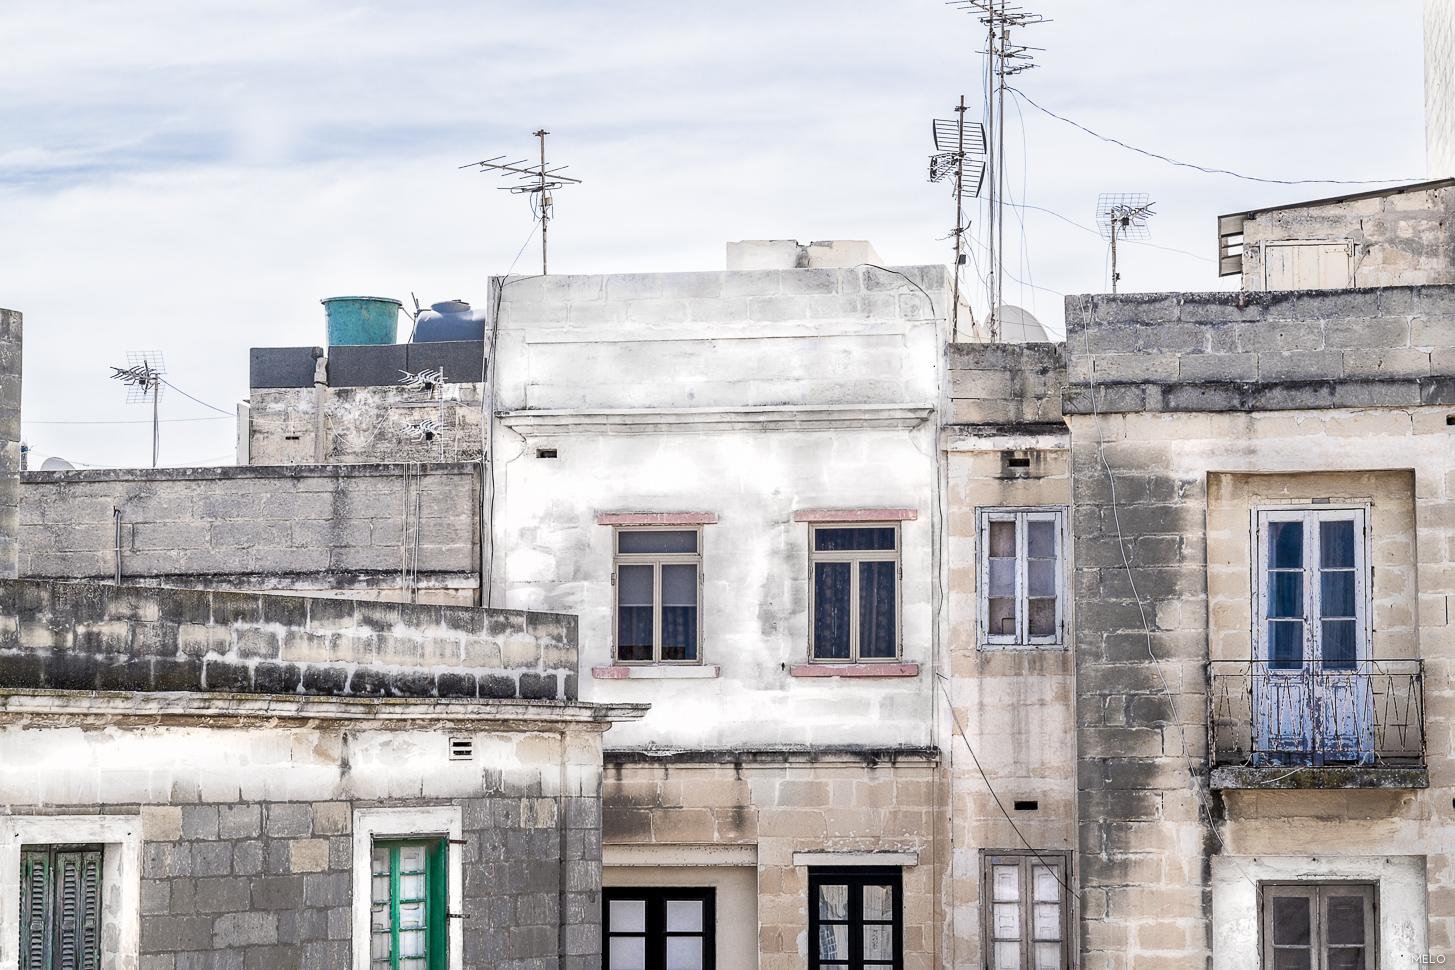 Malta Architecture 2